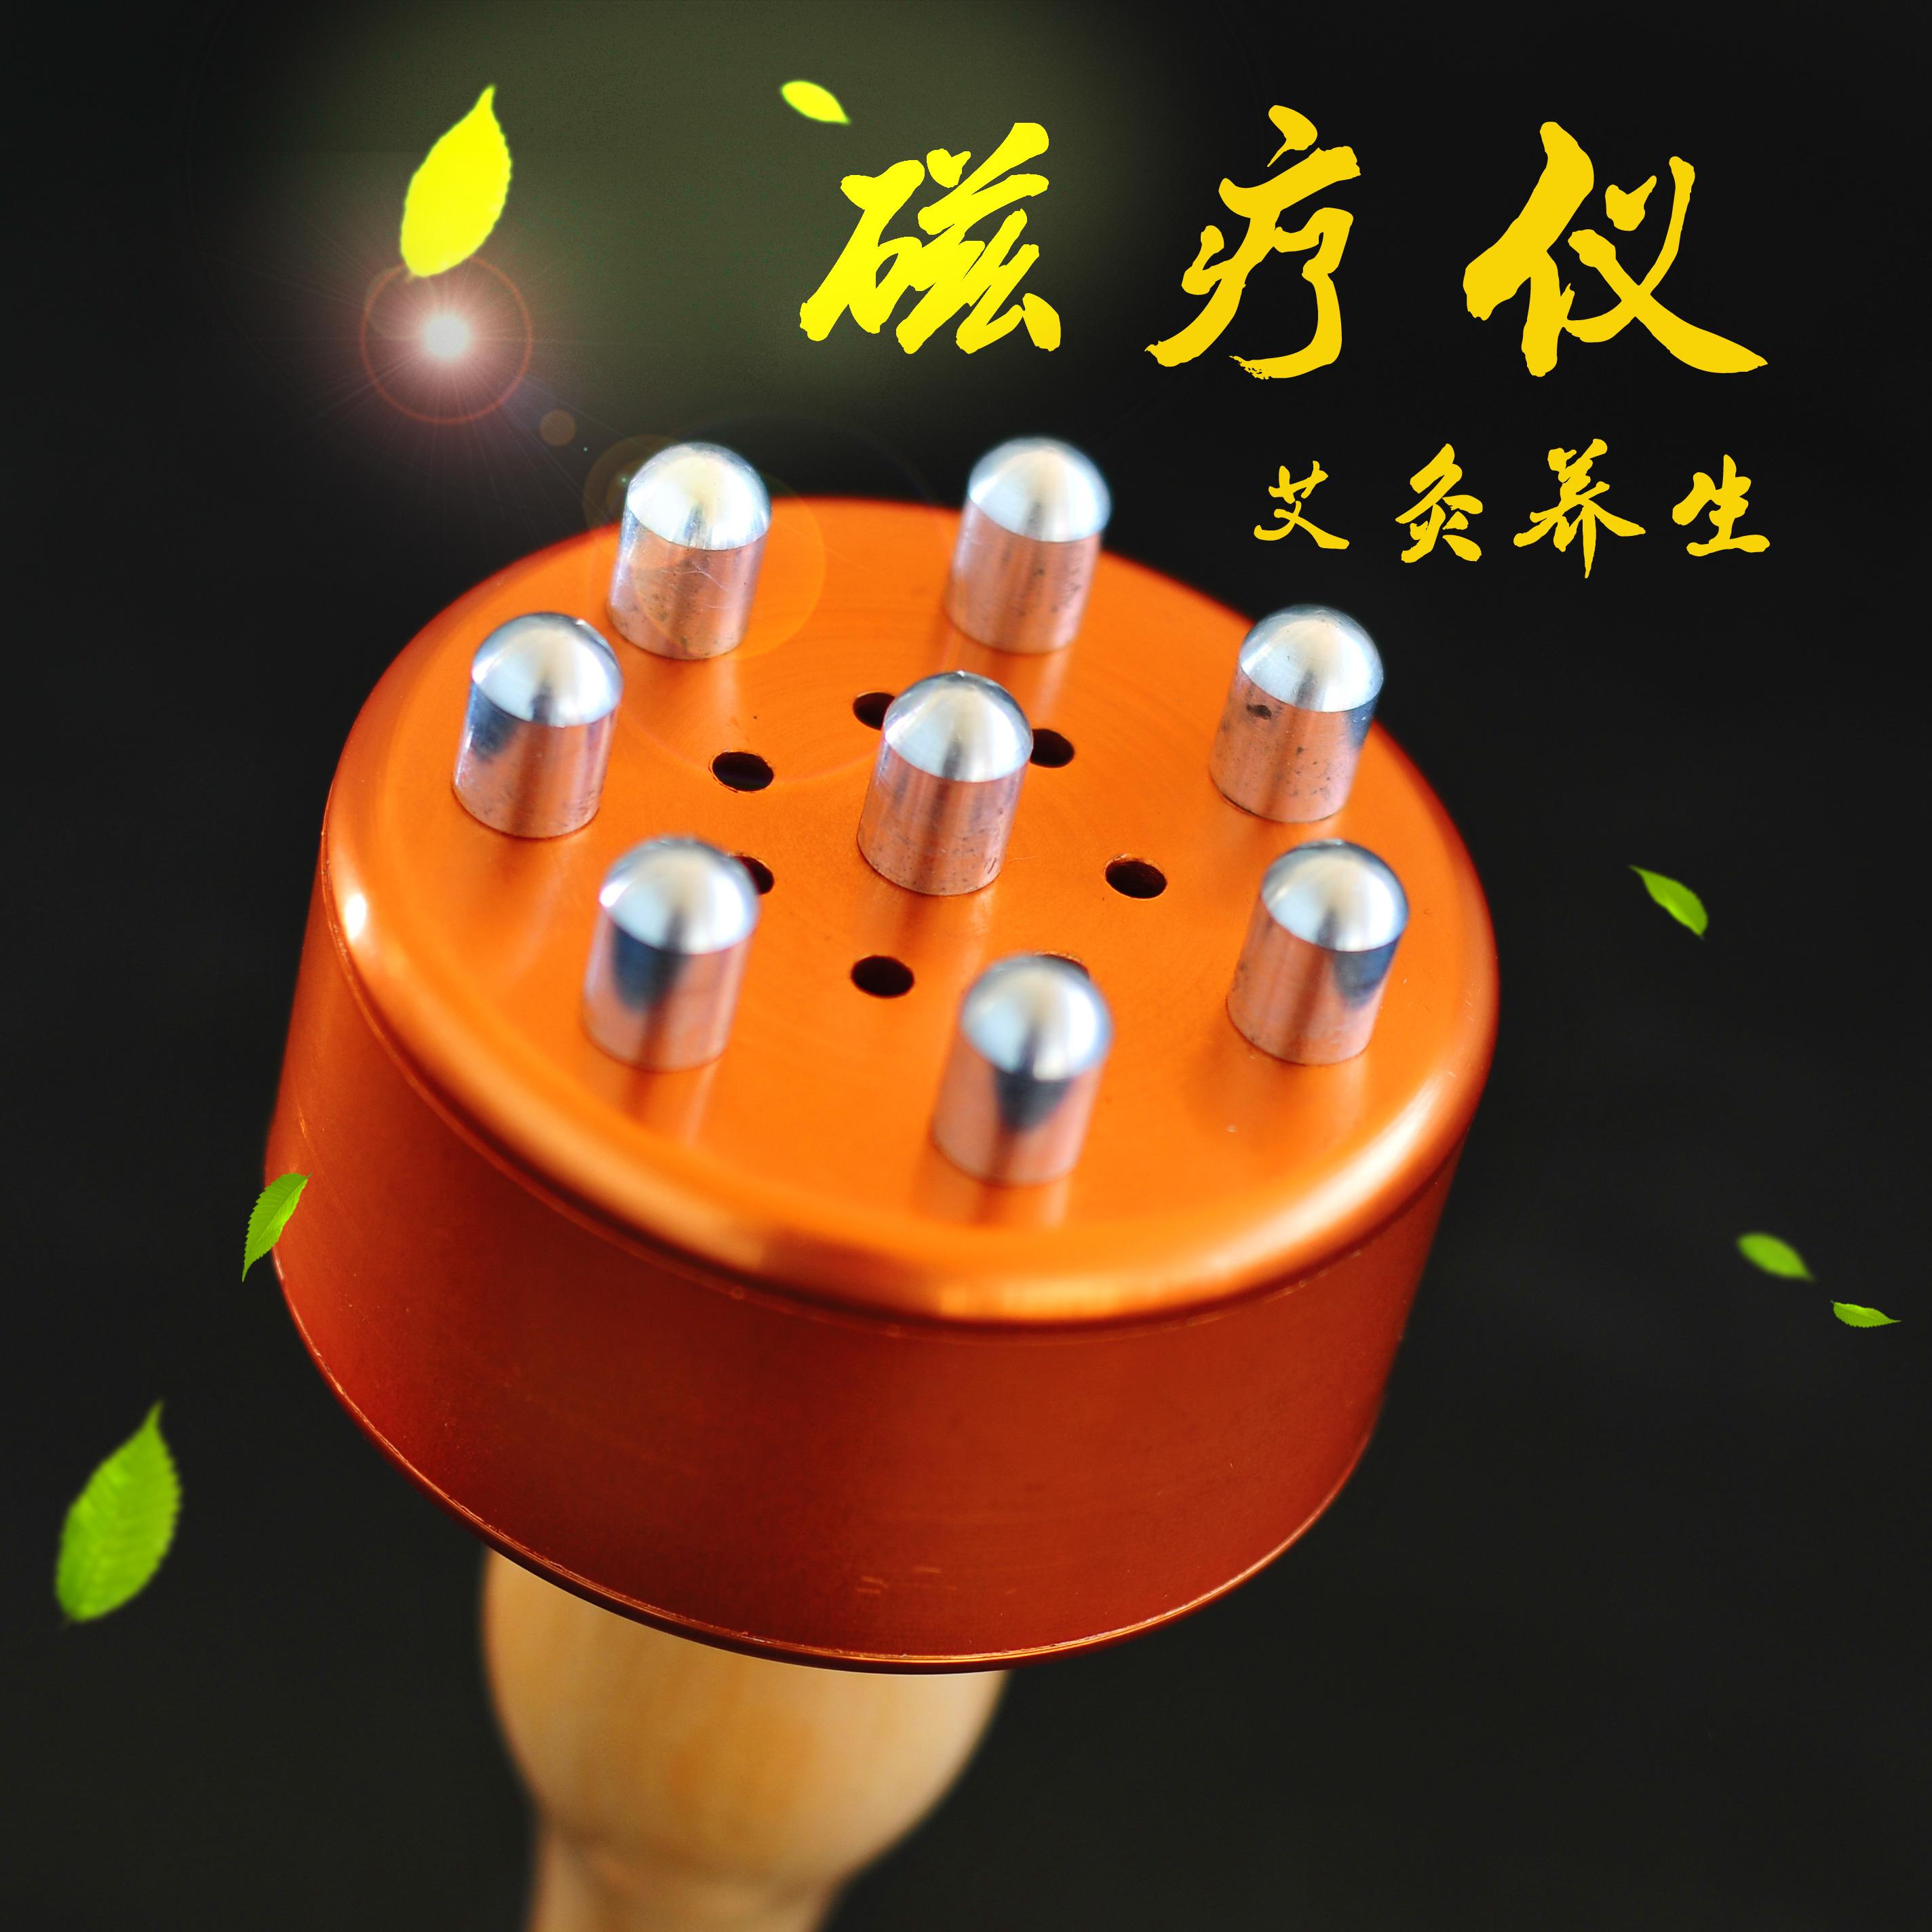 温灸磁疗艾灸棒 经络刷能量仪 多功能按摩刮痧纯铜温灸器随身灸